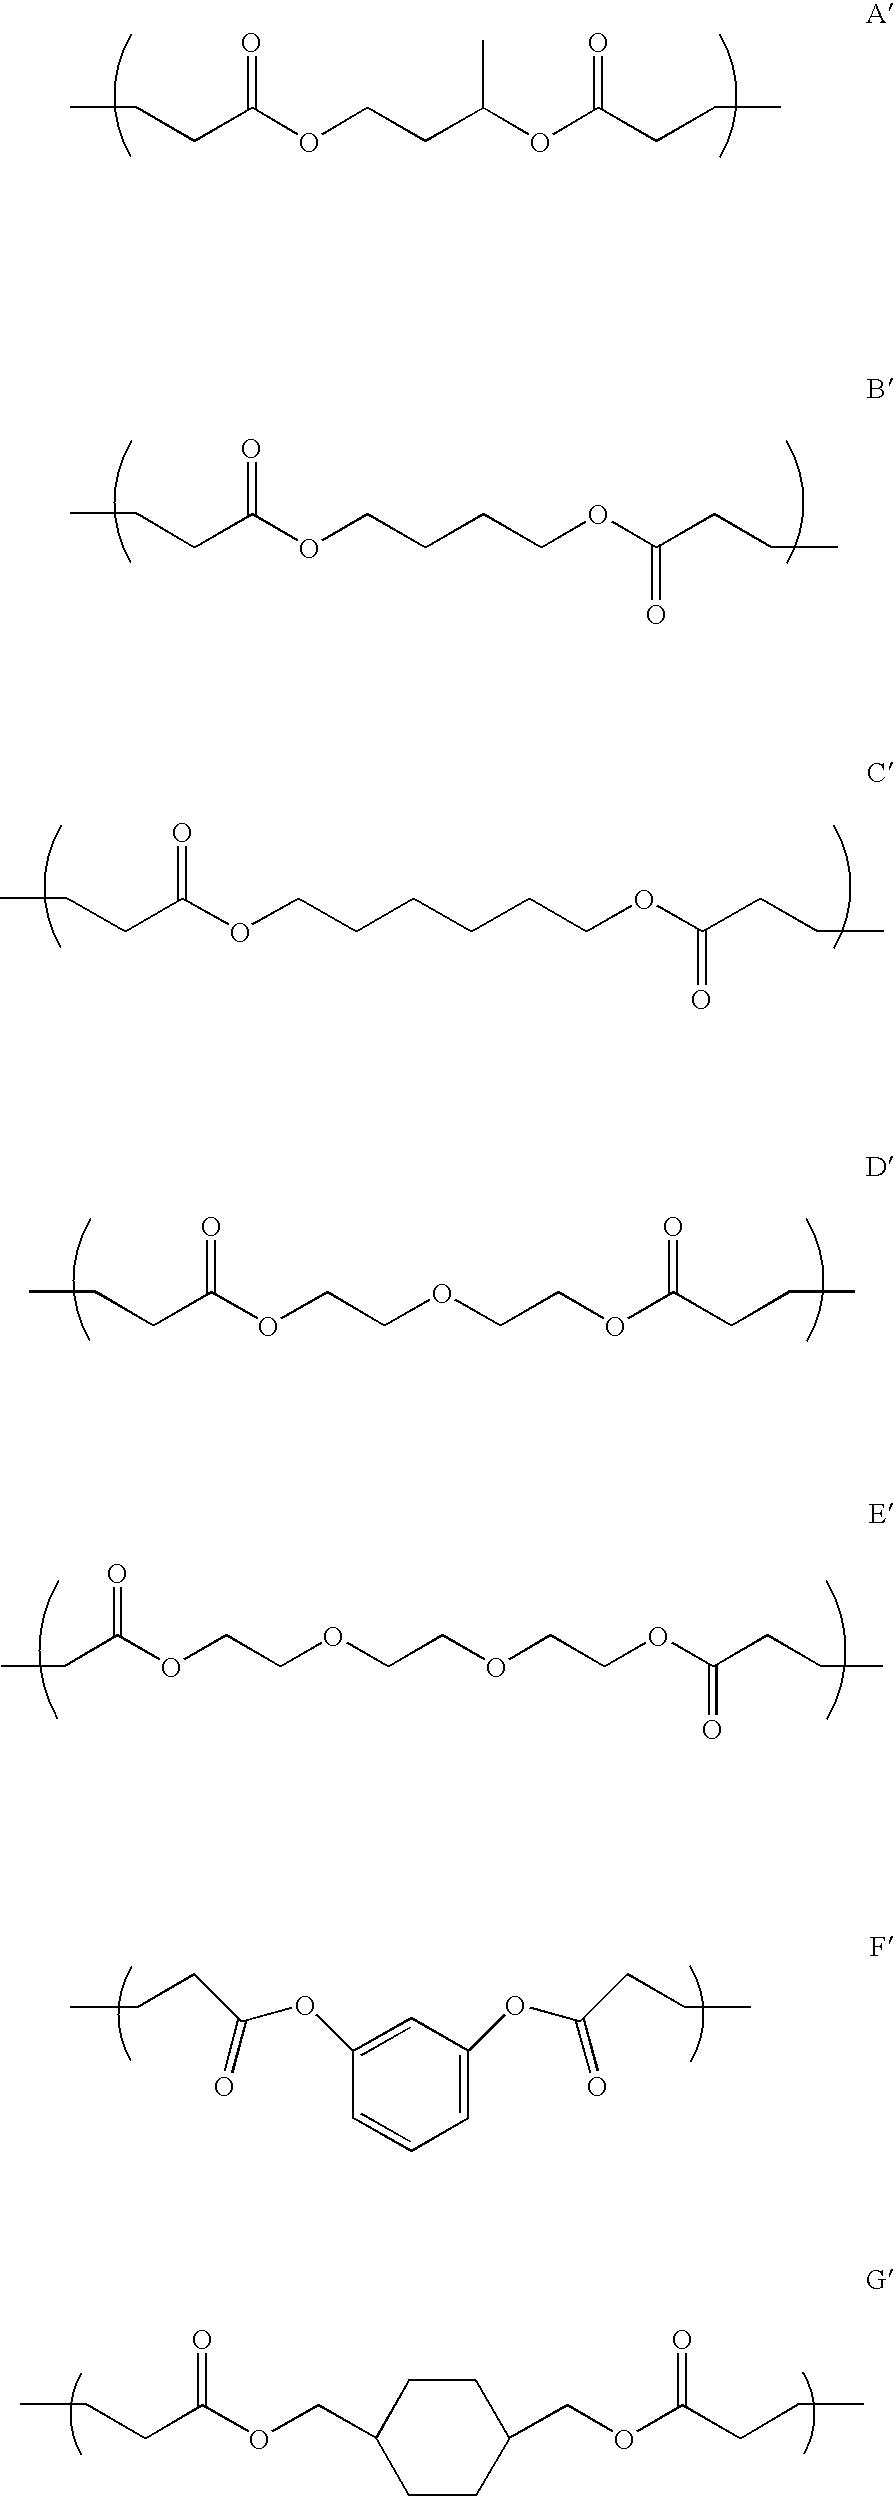 Figure US20050244504A1-20051103-C00010